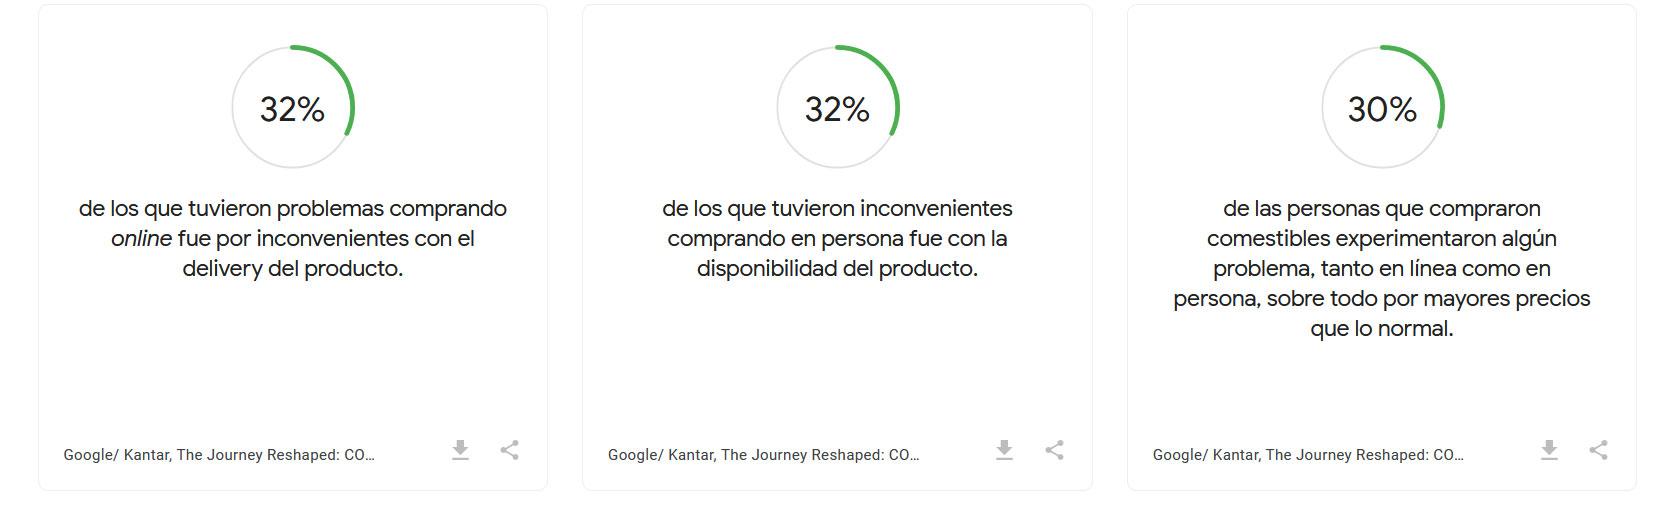 Inconvenientes al comprar hábitos de compra en Latinoamérica